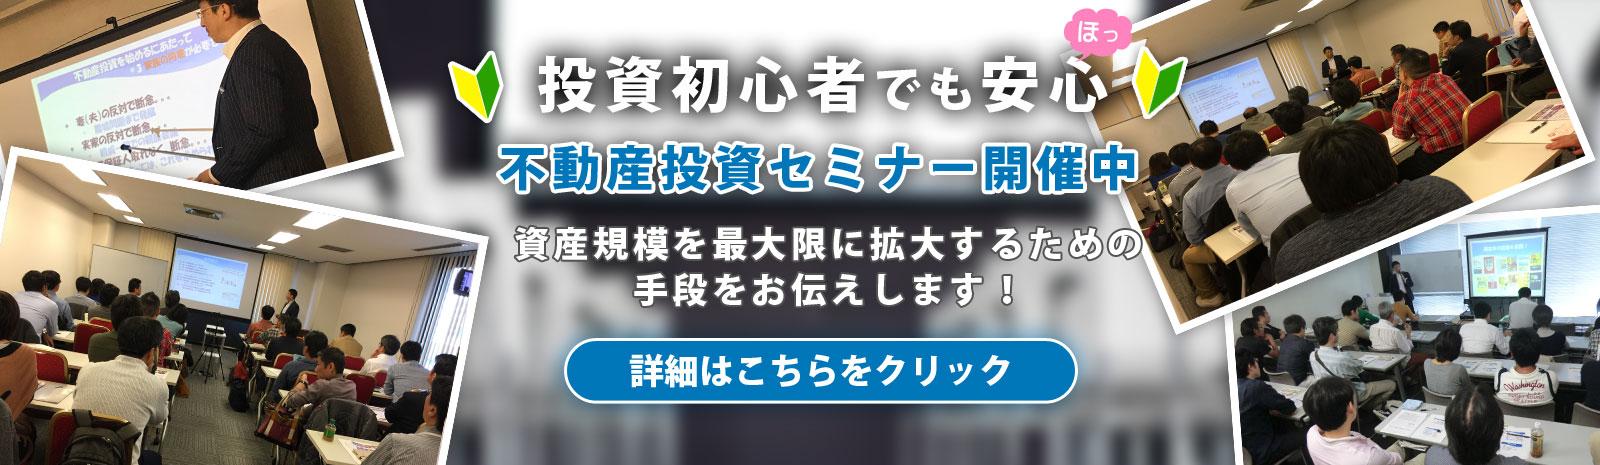 東京不動産投資セミナー開催中